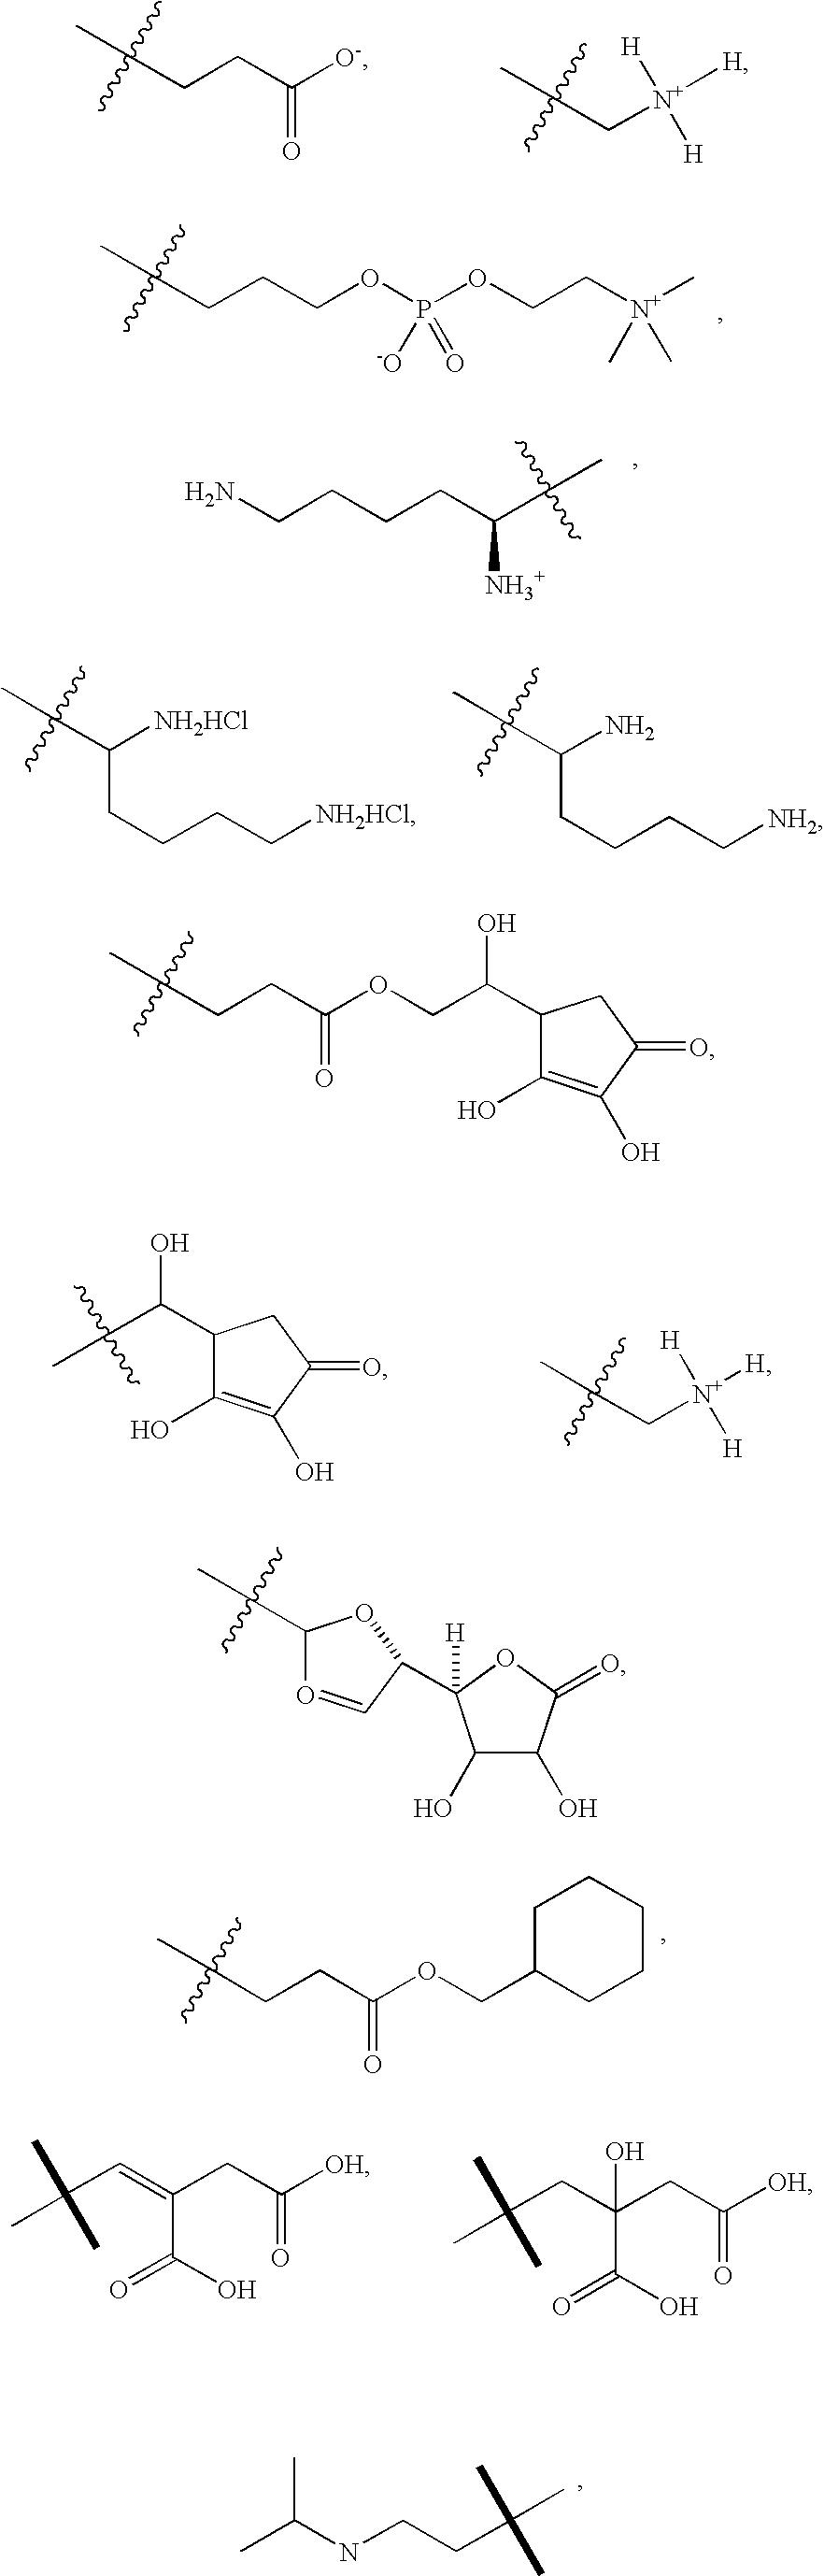 Figure US07723327-20100525-C00139